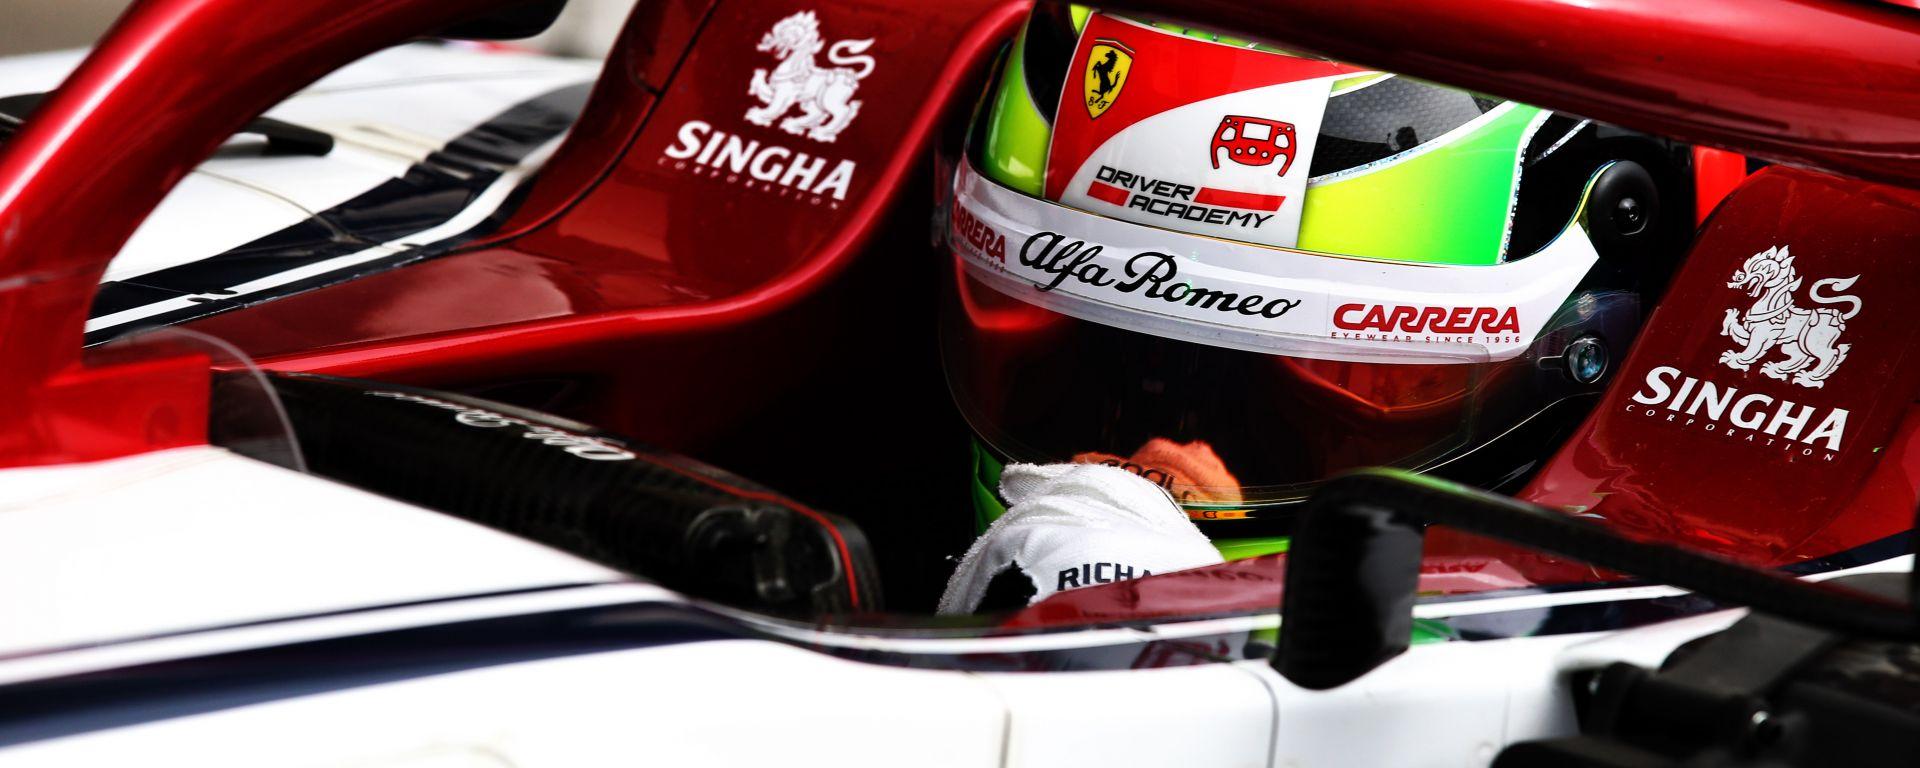 F1 2019: Mick Schumacher nell'abitacolo dell'Alfa Romeo durante la sessione di test in Bahrain